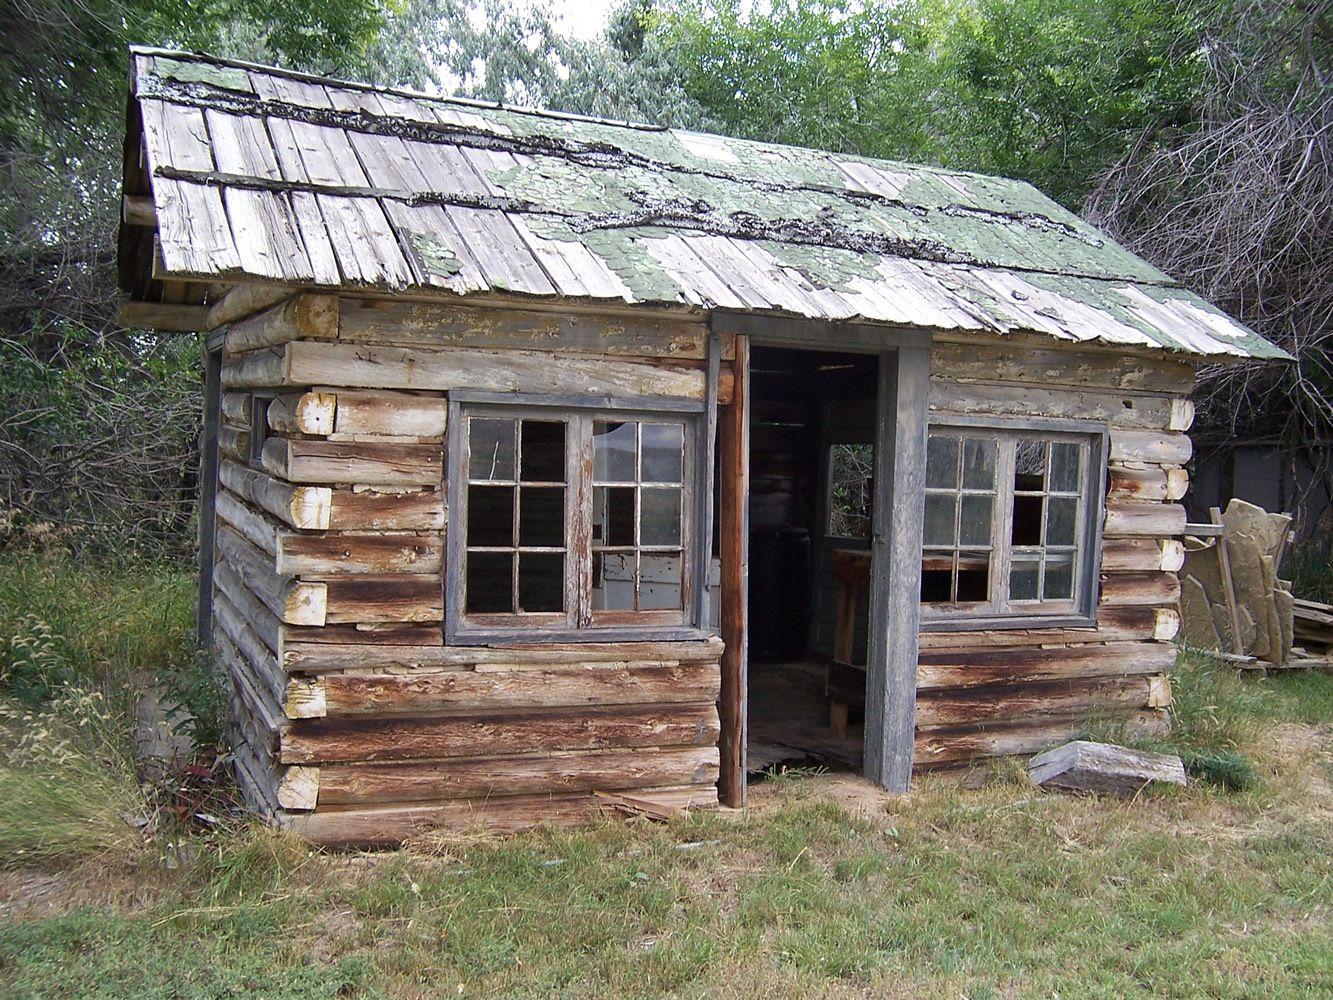 Lovely old shack hut ideas pinterest for Shack homes